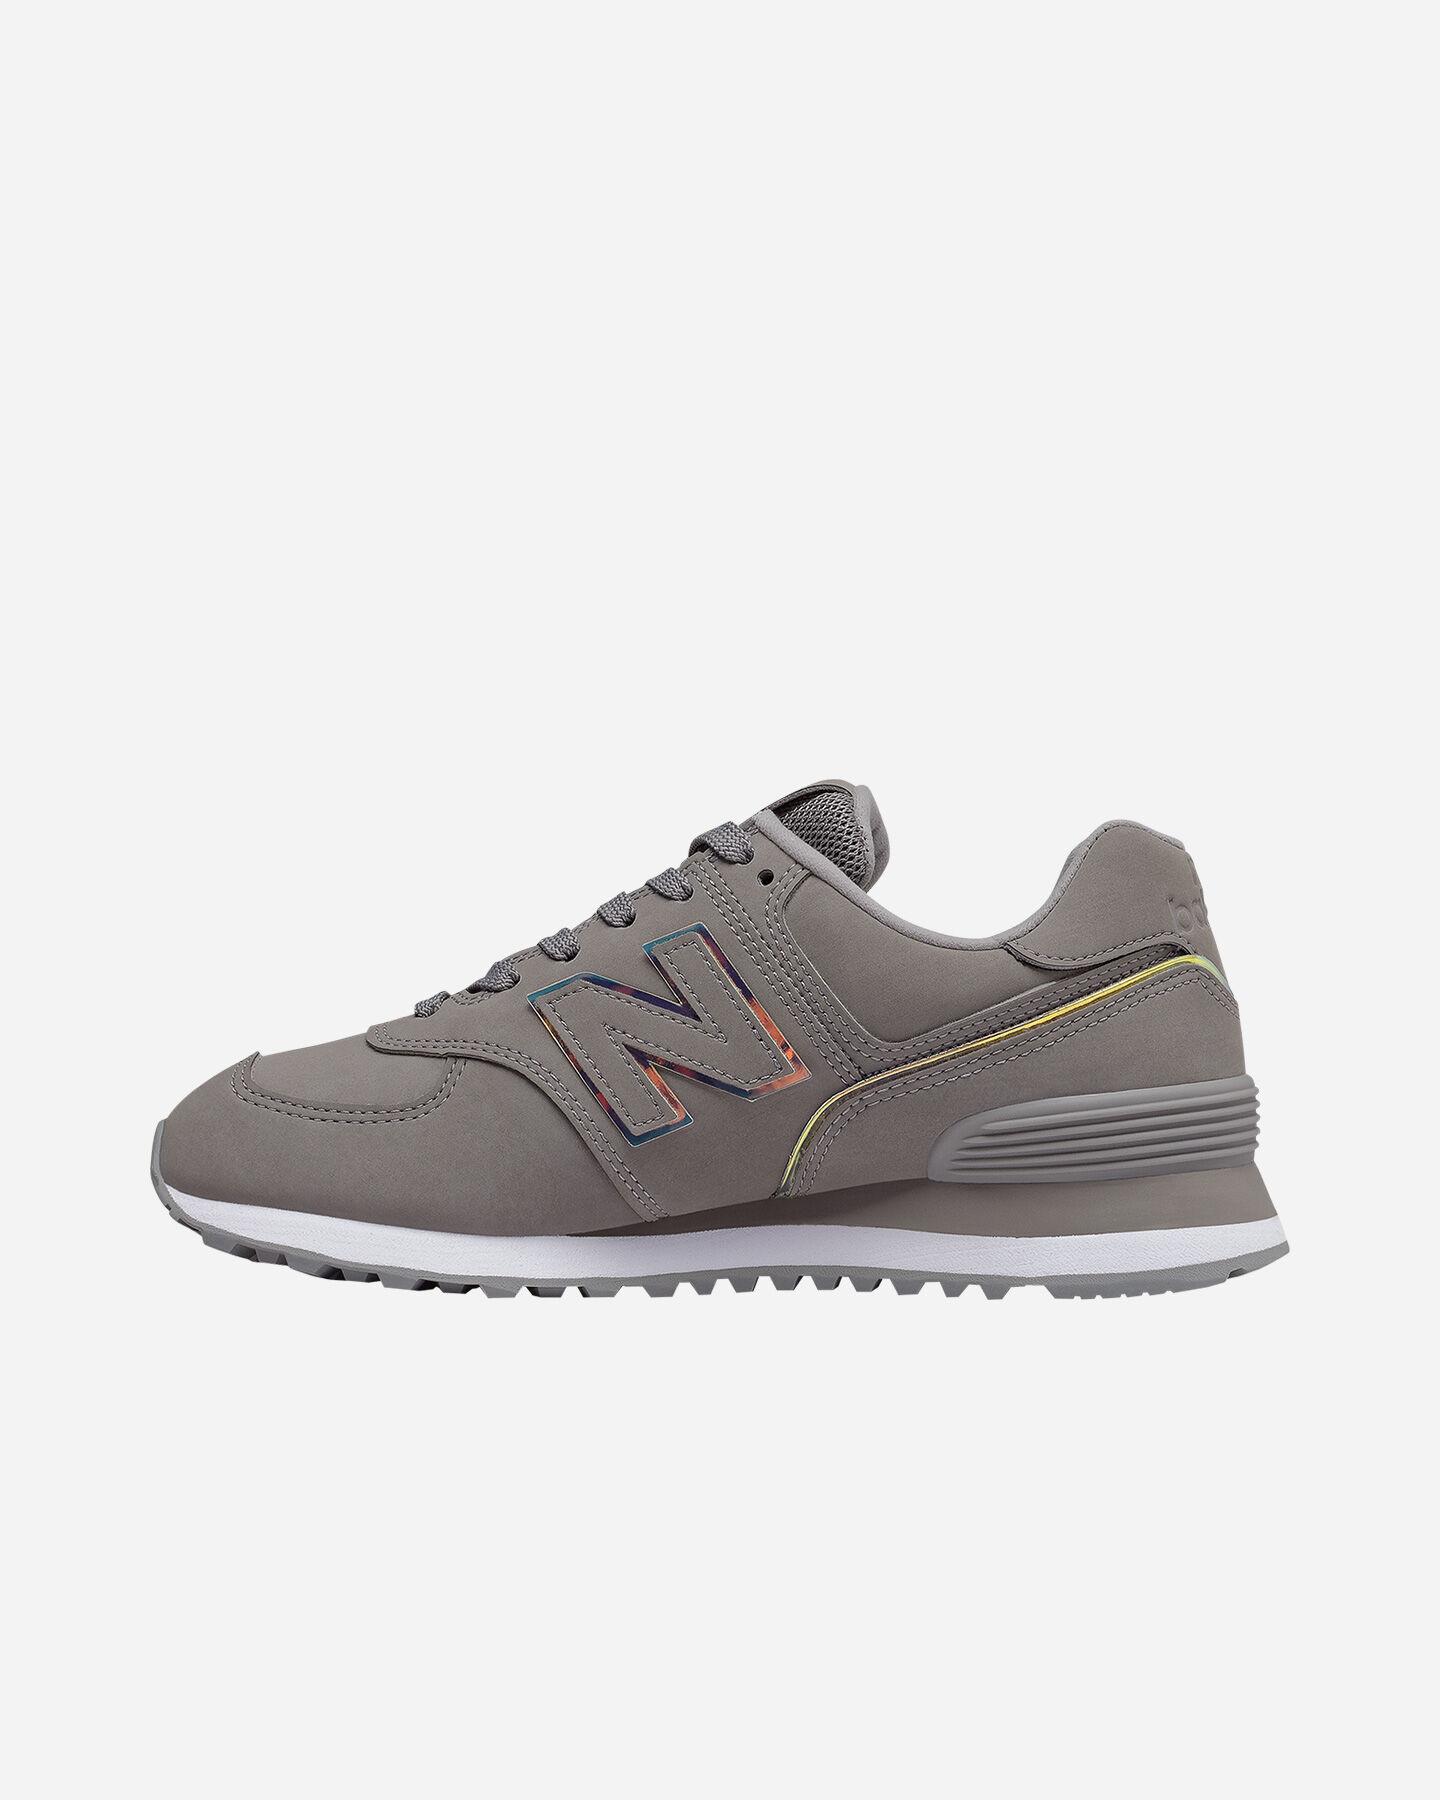 Scarpe sneakers NEW BALANCE 574 W S5237250 scatto 3